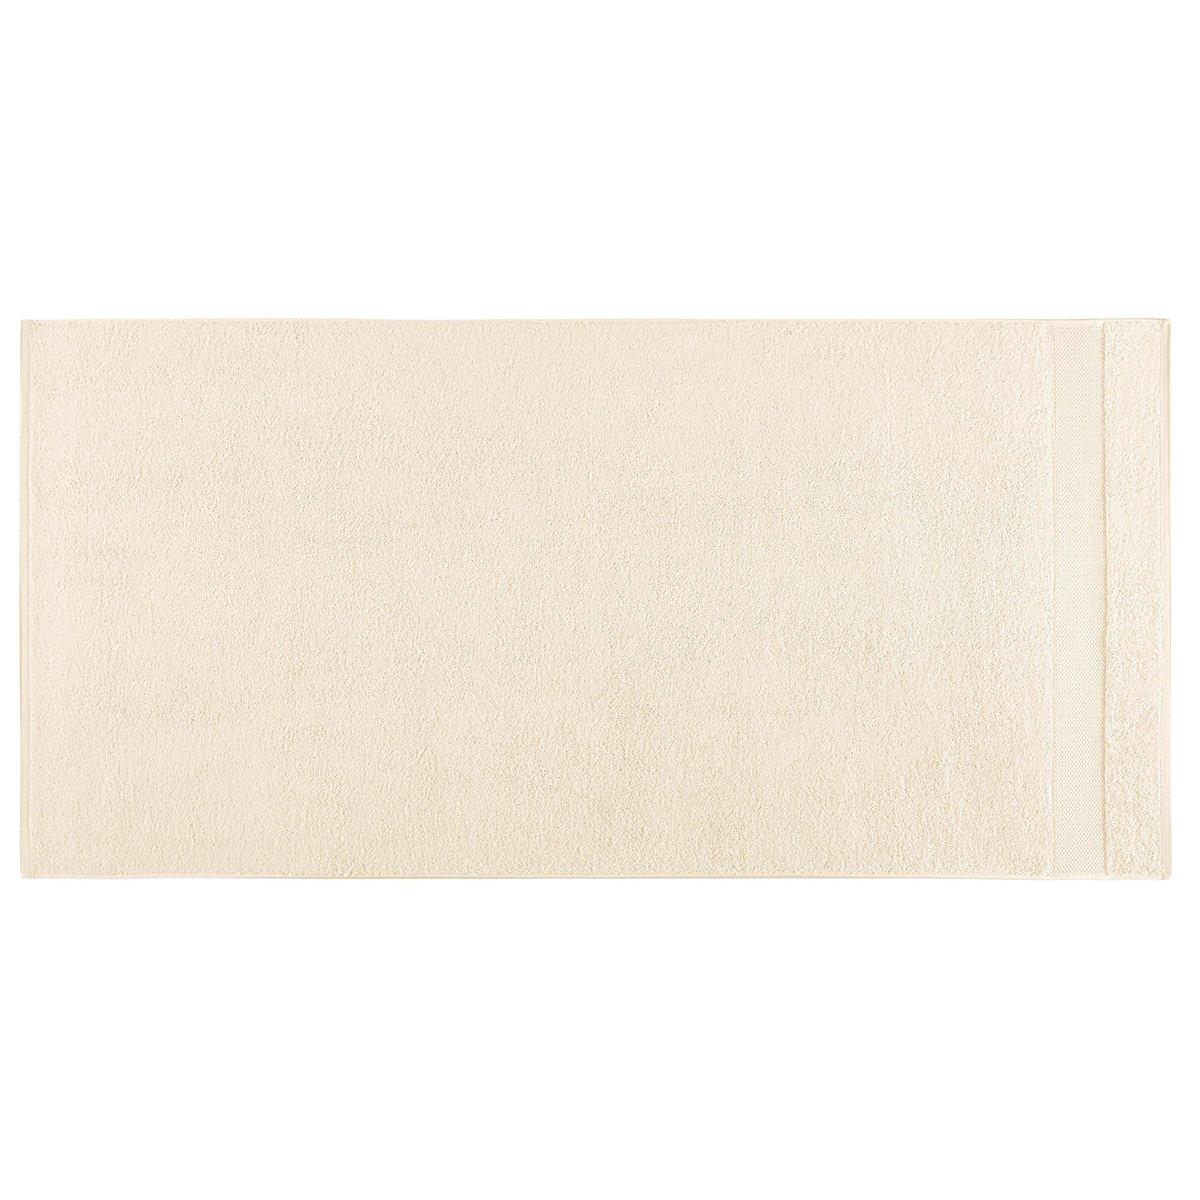 Drap de douche coton 70x140 cm chèvrefeuille